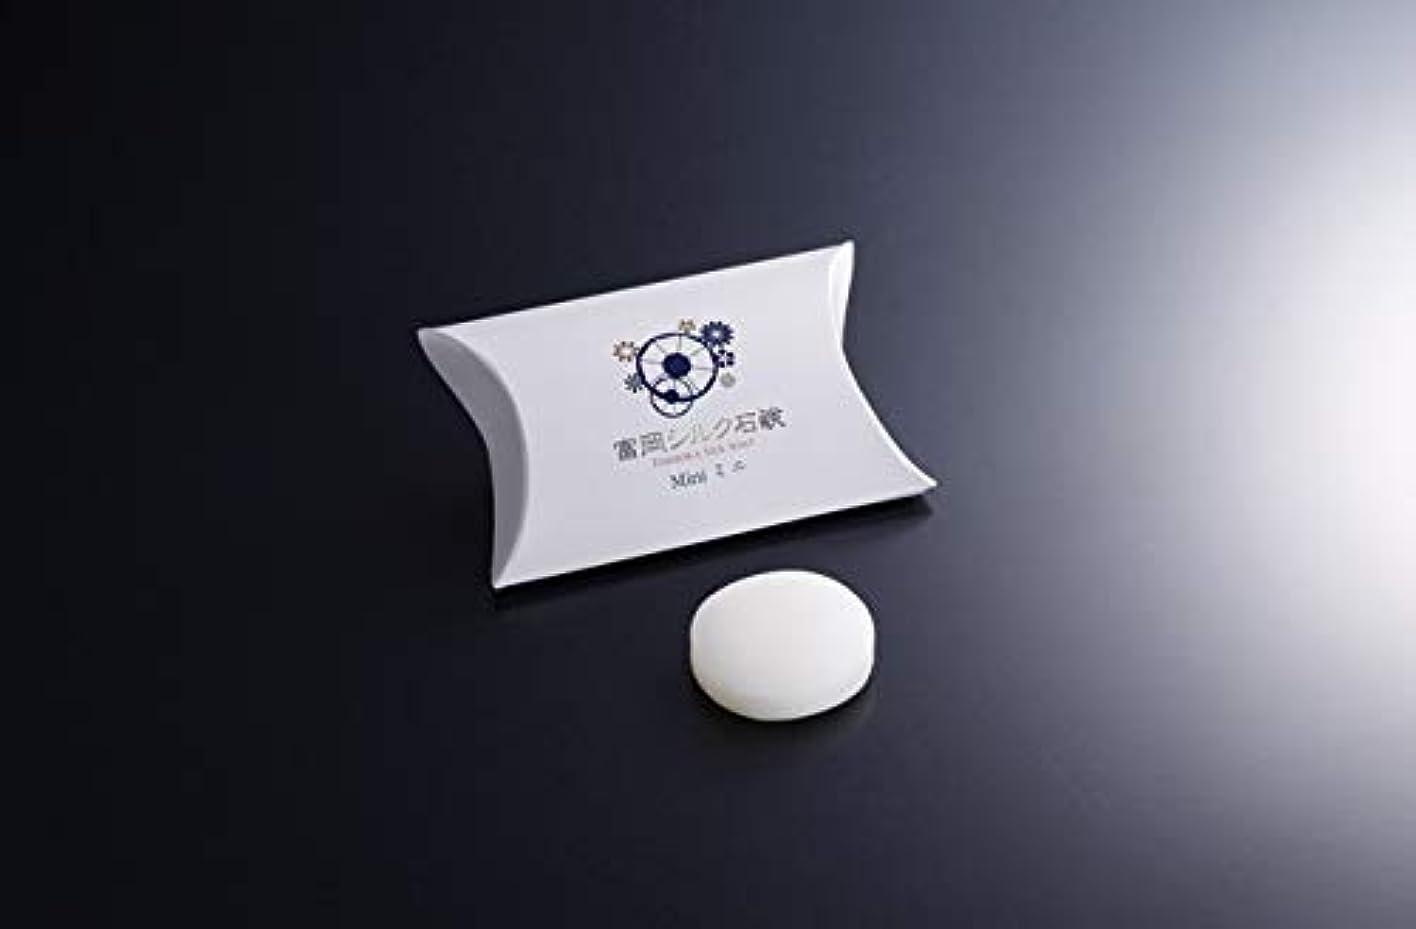 回路レキシコンホールド絹工房 富岡シルク石鹸 ミニサイズ(12?) 3個セット